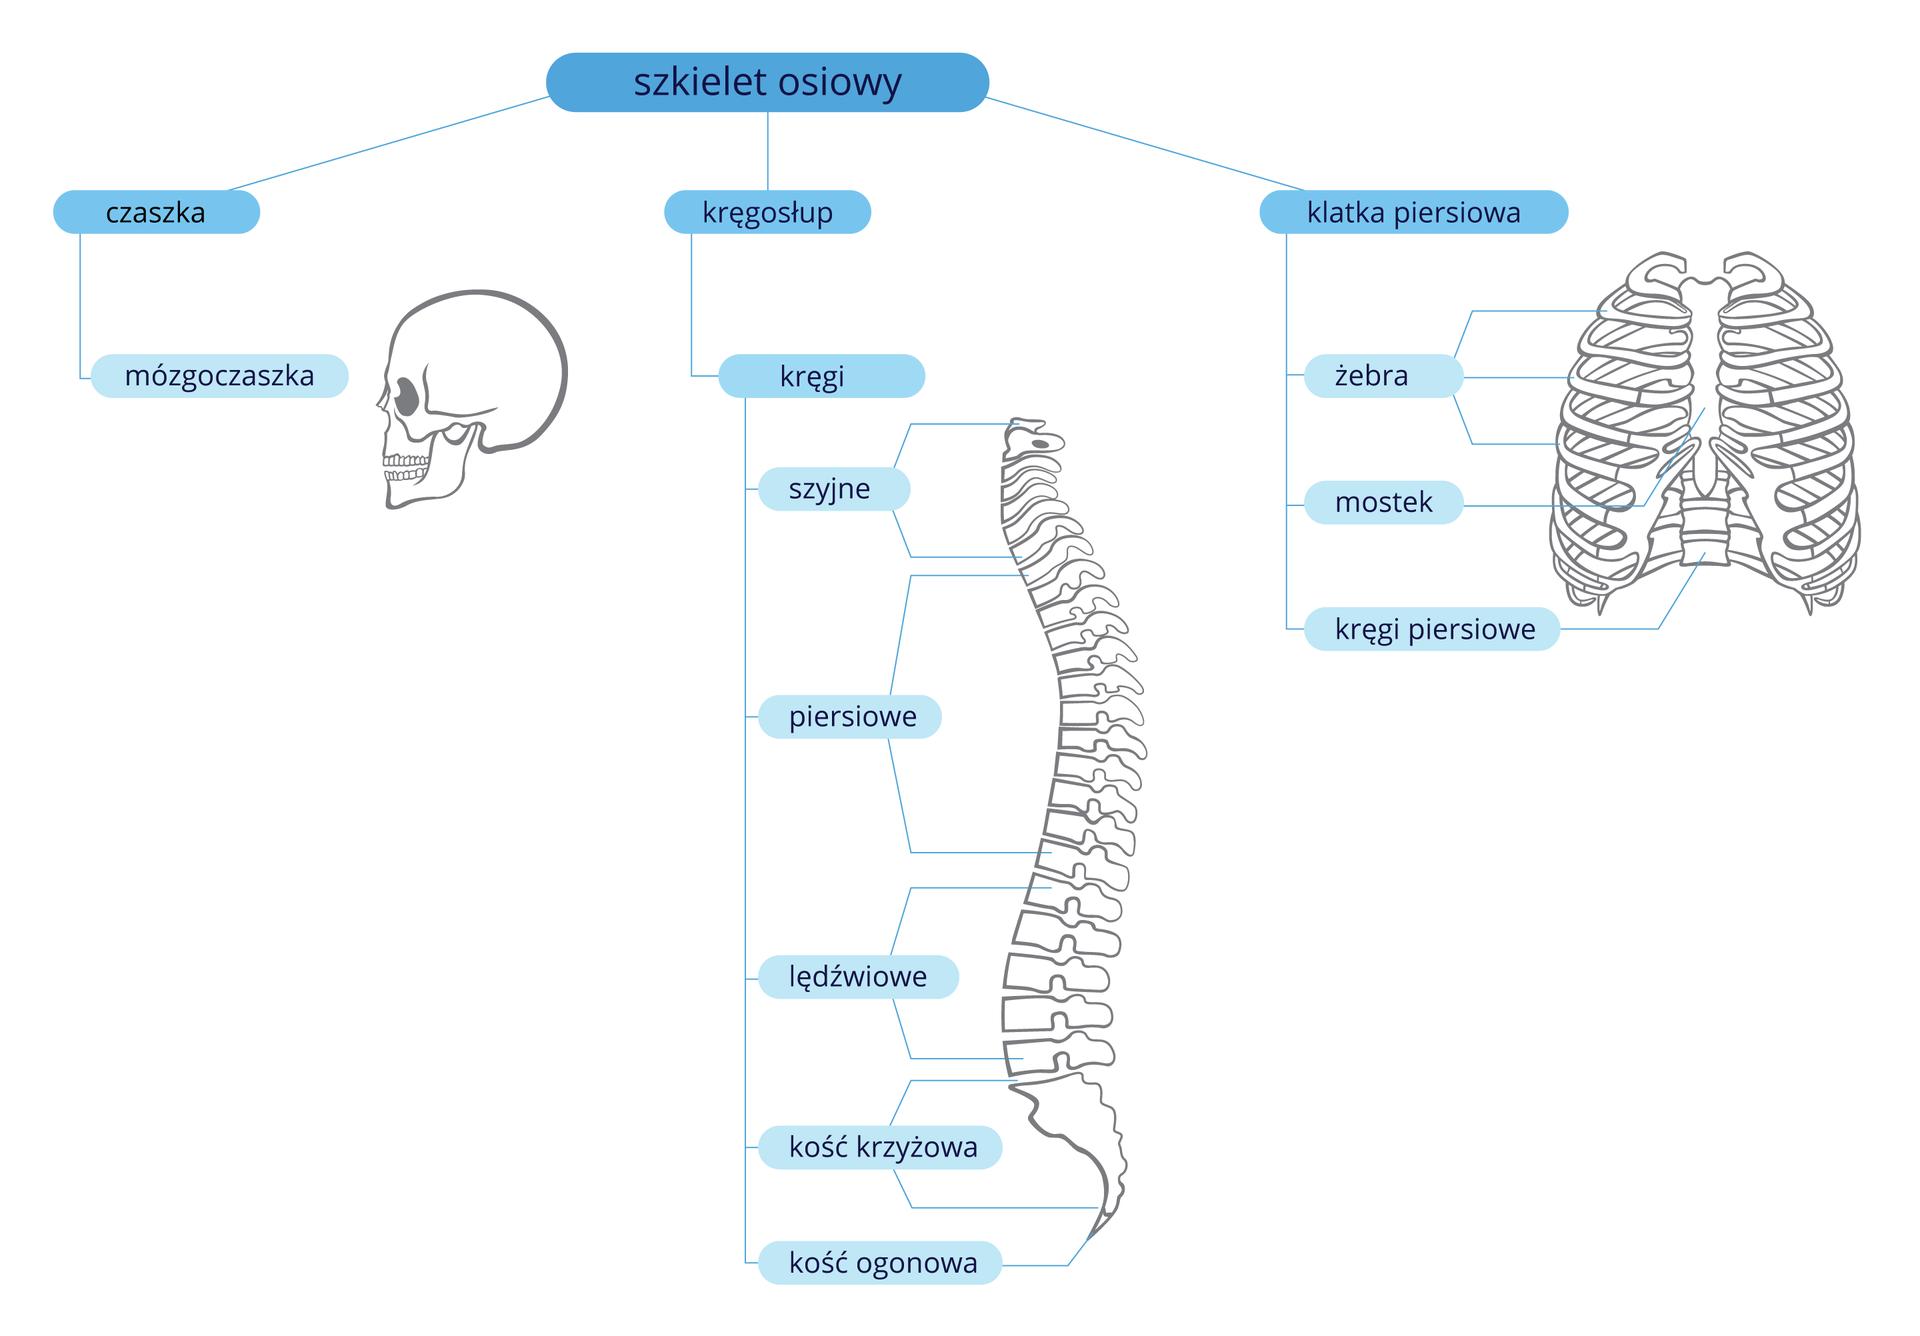 Schemat przedstawia strukturę szkieletu osiowego. Wyróżniono czaszkę, kręgosłup iklatkę piersiową.